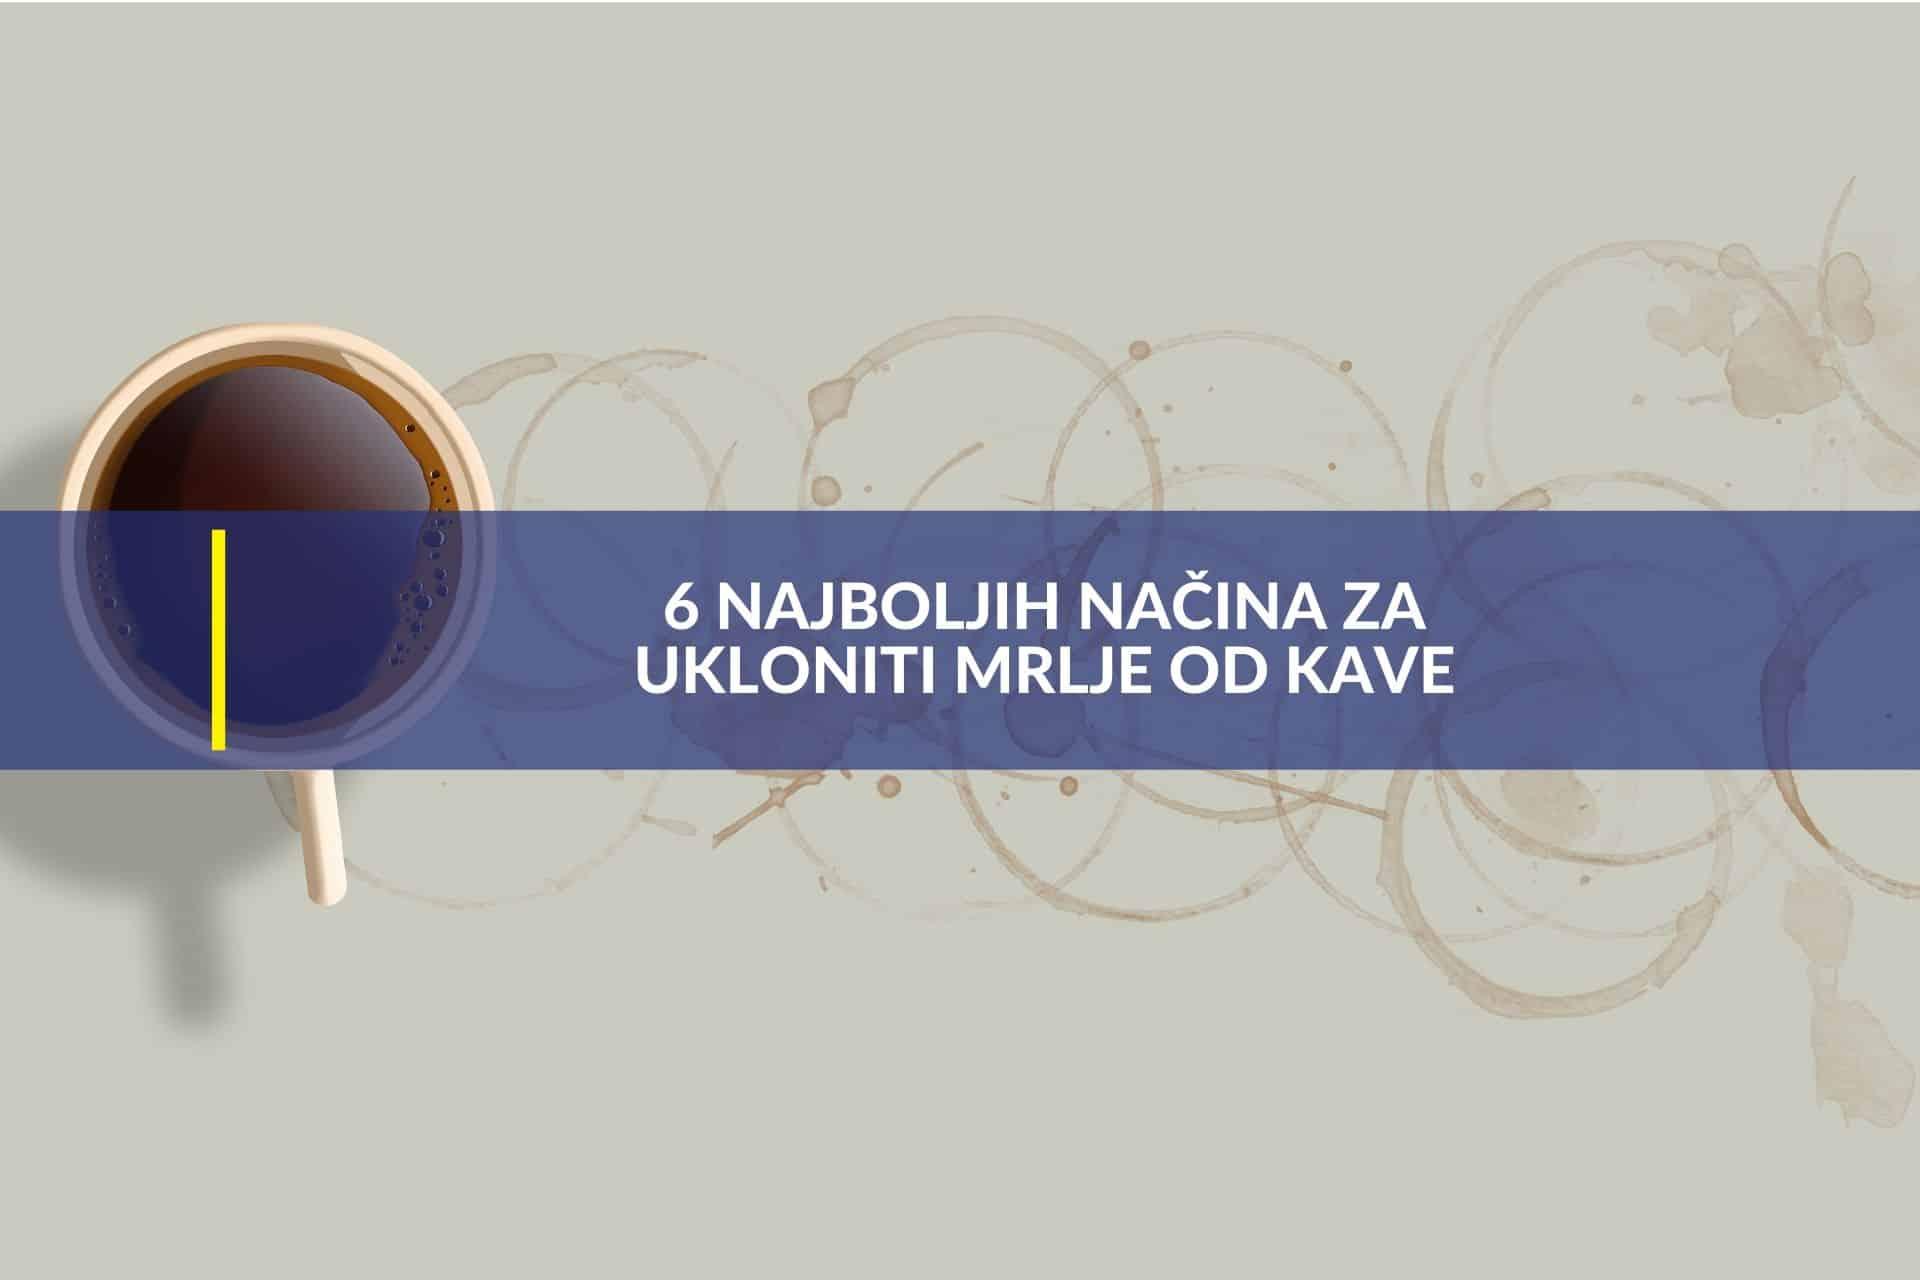 6 najboljih nacina za ukloniti mrlje od kave